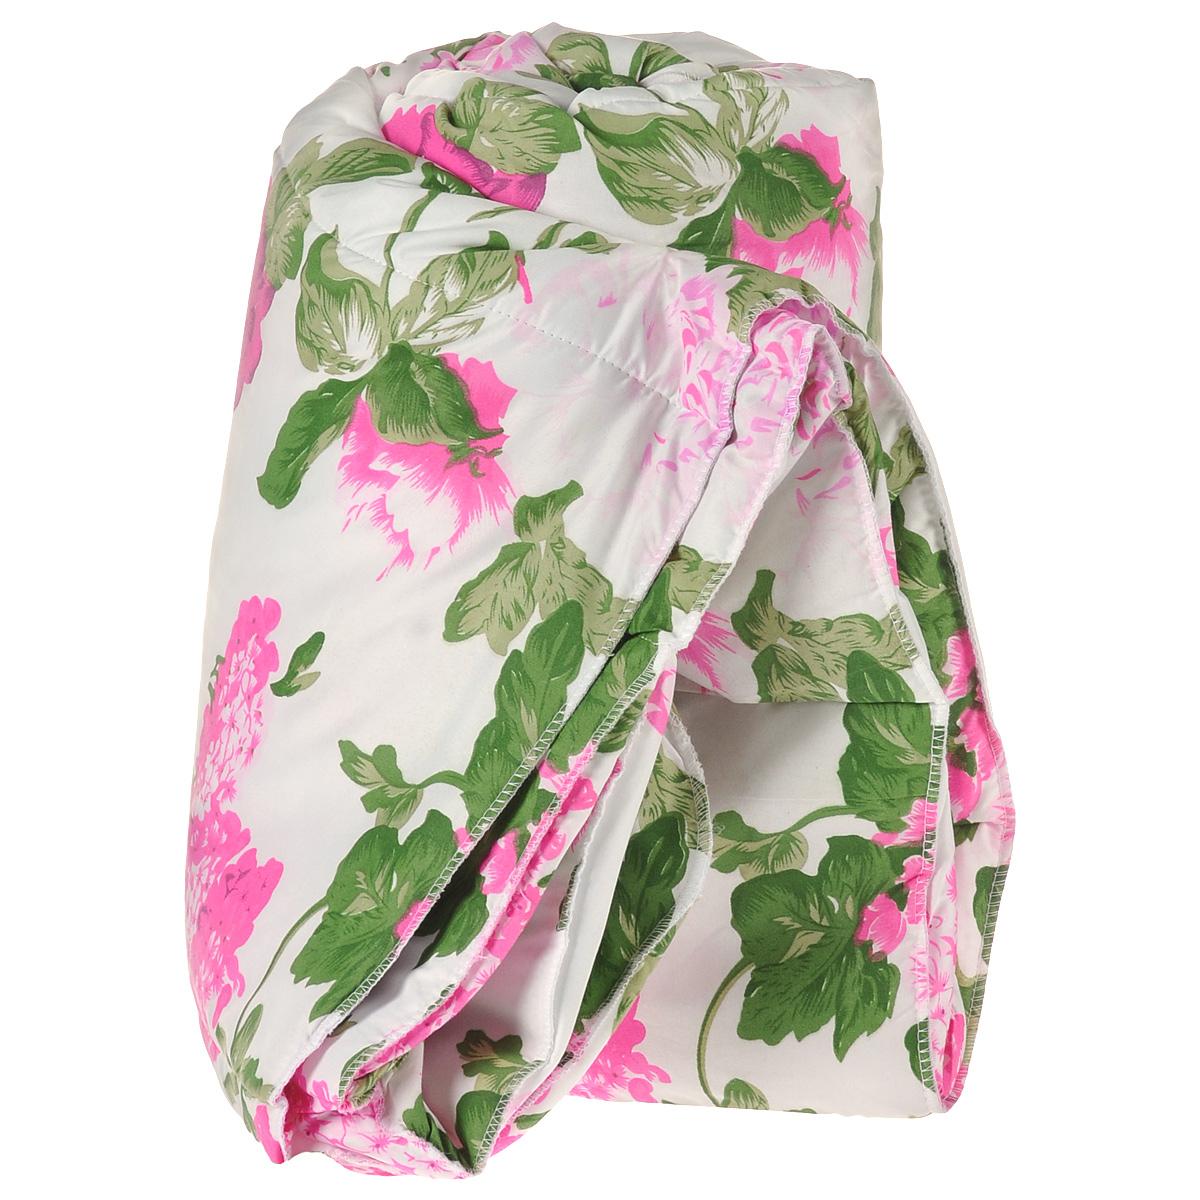 Одеяло Диана Мечта, наполнитель: термофайбер, цвет: белый с розовыми цветами, 200 х 210 см ОМ-210-200ОМ-210-200_белый с розовыми цветамиОдеяло Диана Мечта приятно удивит вас и создаст атмосферу тепла и комфорта в вашем доме. Одеяло изготовлено из полиэстера, а наполнителем является термофайбер. Термофайбер - нетканое полотно, состоящее из полого полиэфирного силиконизированного и легкоплавкого волокон. Полое силиконизированное полиэфионое волокно - это великолепный современный наполнитель для постельных принадлежностей. Соединяясь между собой, волокна образуют упругую пружинистую структуру. Благодаря ей наполнитель удерживает тепло в холодную погоду и не препятствует свободной циркуляции воздуха для удаления влаги в жаркую погоду. Наполнитель не сваливается и не приминается, великолепно сохраняя форму даже после многократных стирок и сушек, подходит людям, страдающим аллергией на пух и перья. Свойства термофайбера: - отличные теплоизоляционные свойства; - воздухопроницаемость; - гипоаллергенность; - простой и легкий уход; - быстро высыхает и восстанавливает объем...